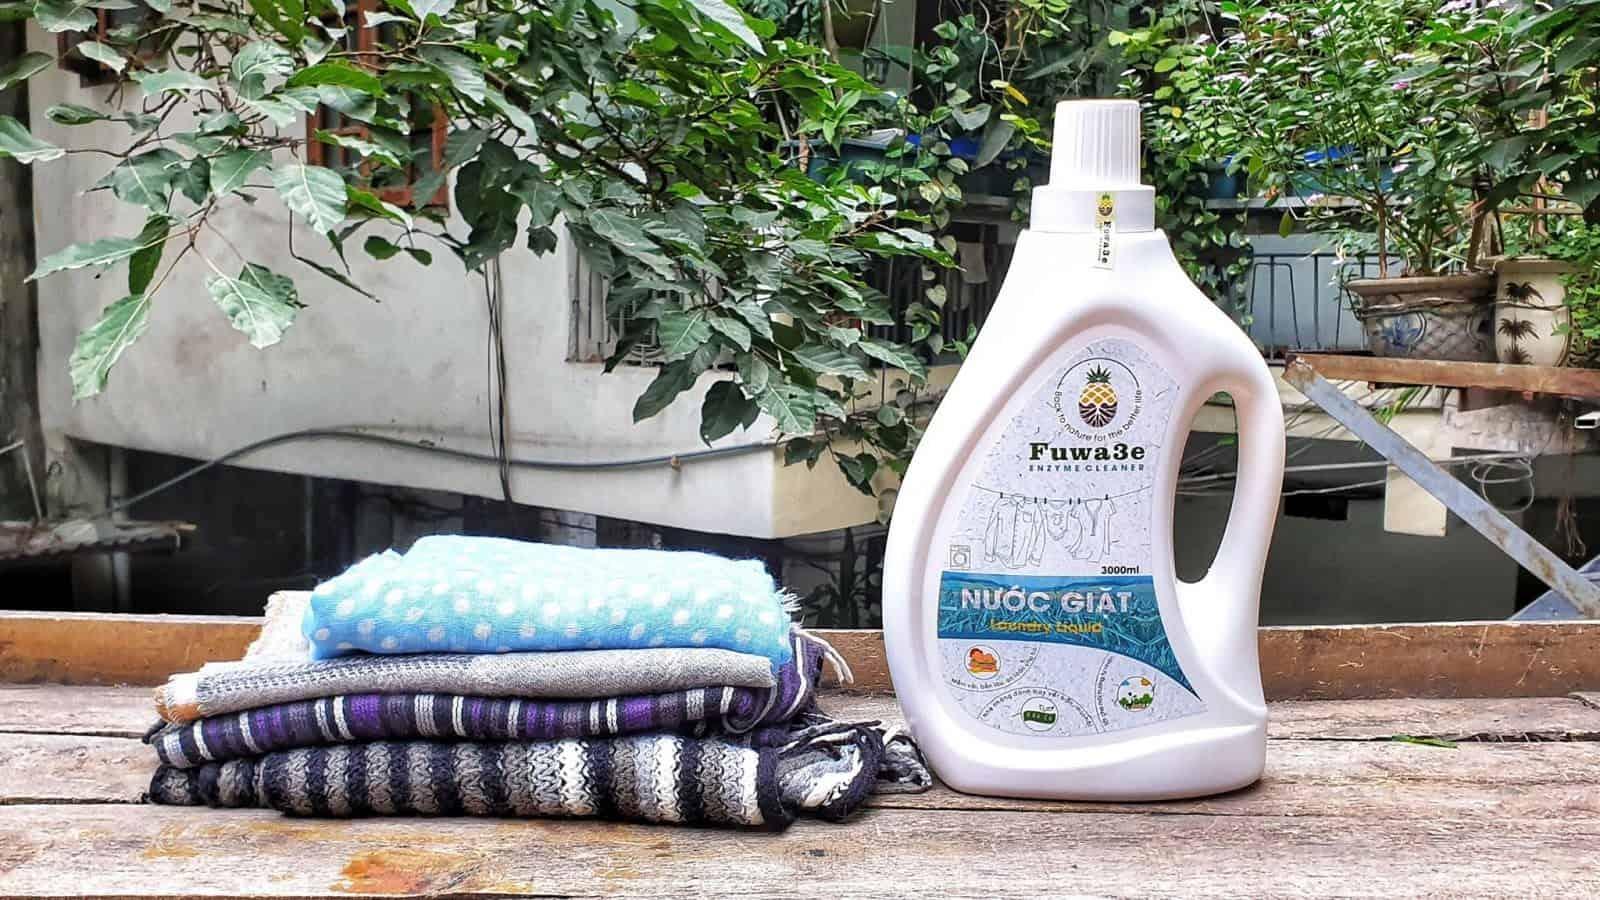 nước giặt quần áo cho trẻ sơ sinh